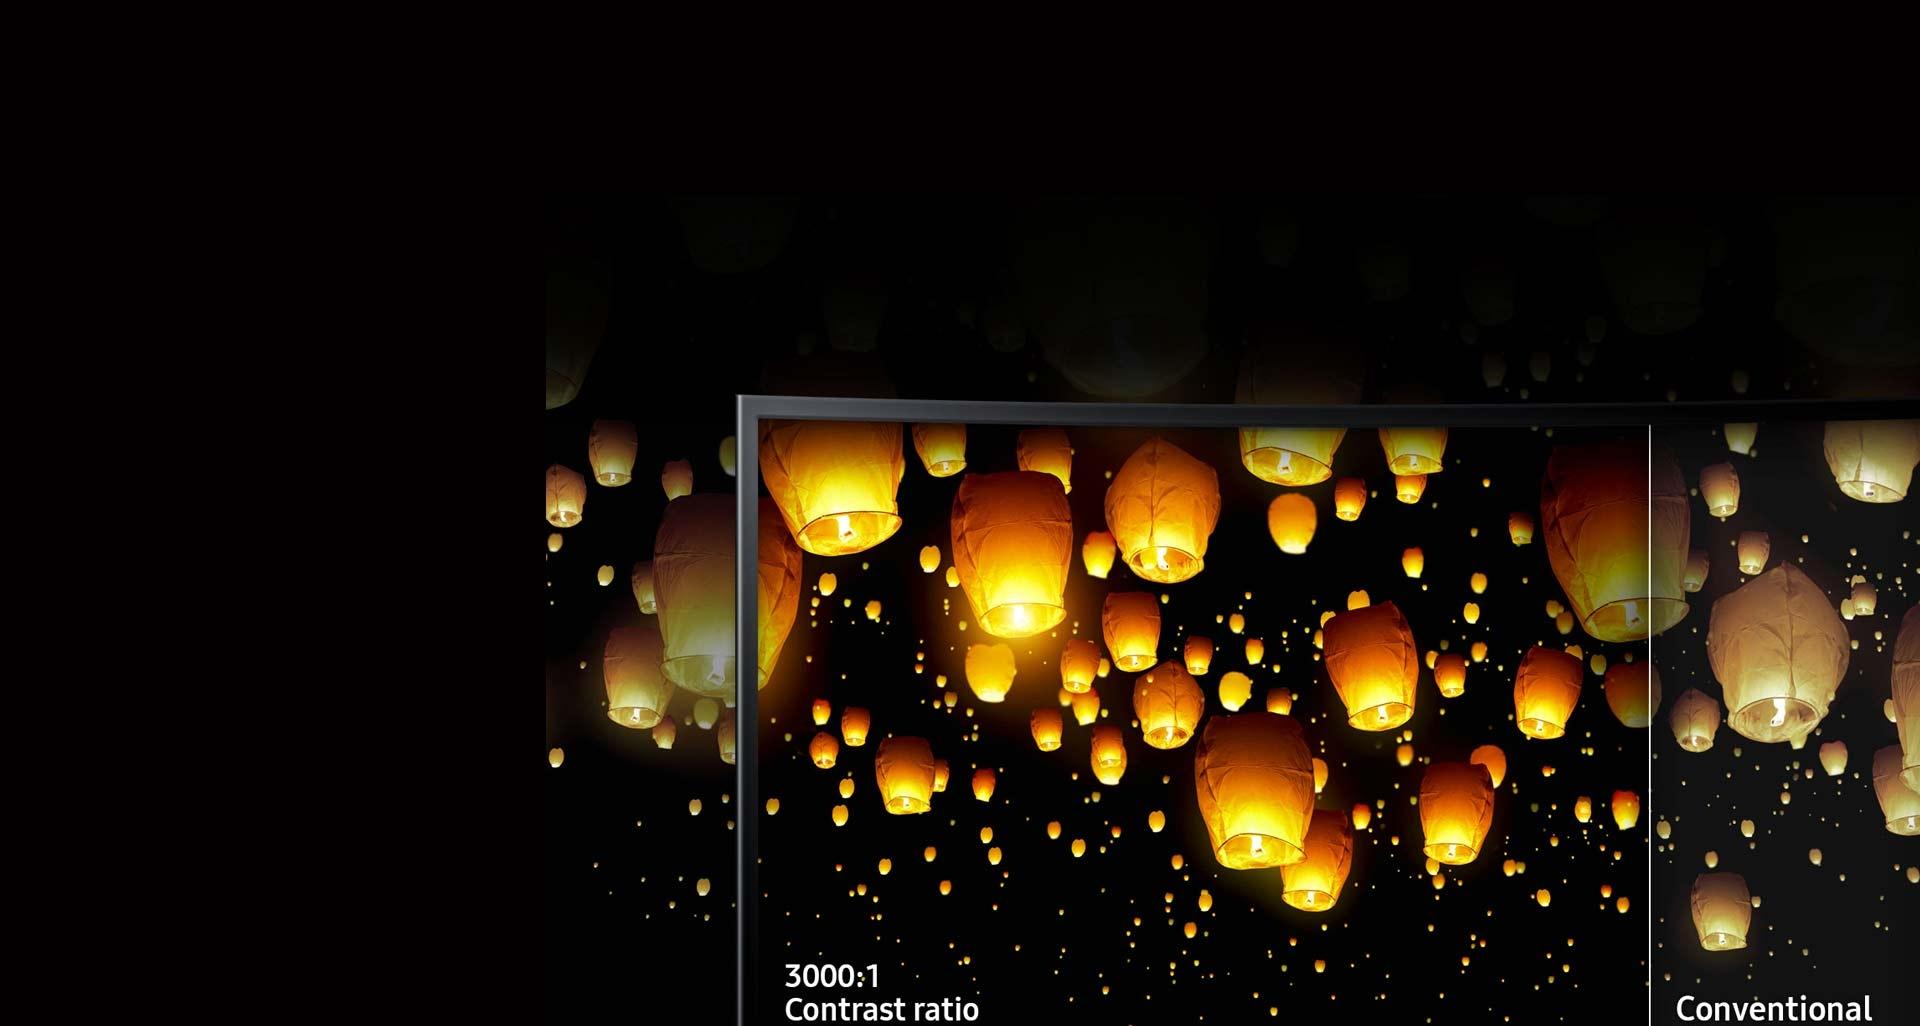 کیفیت تصویر برتر با تکنولوژی صفحه نمایش پیشرفته سامسونگ F390